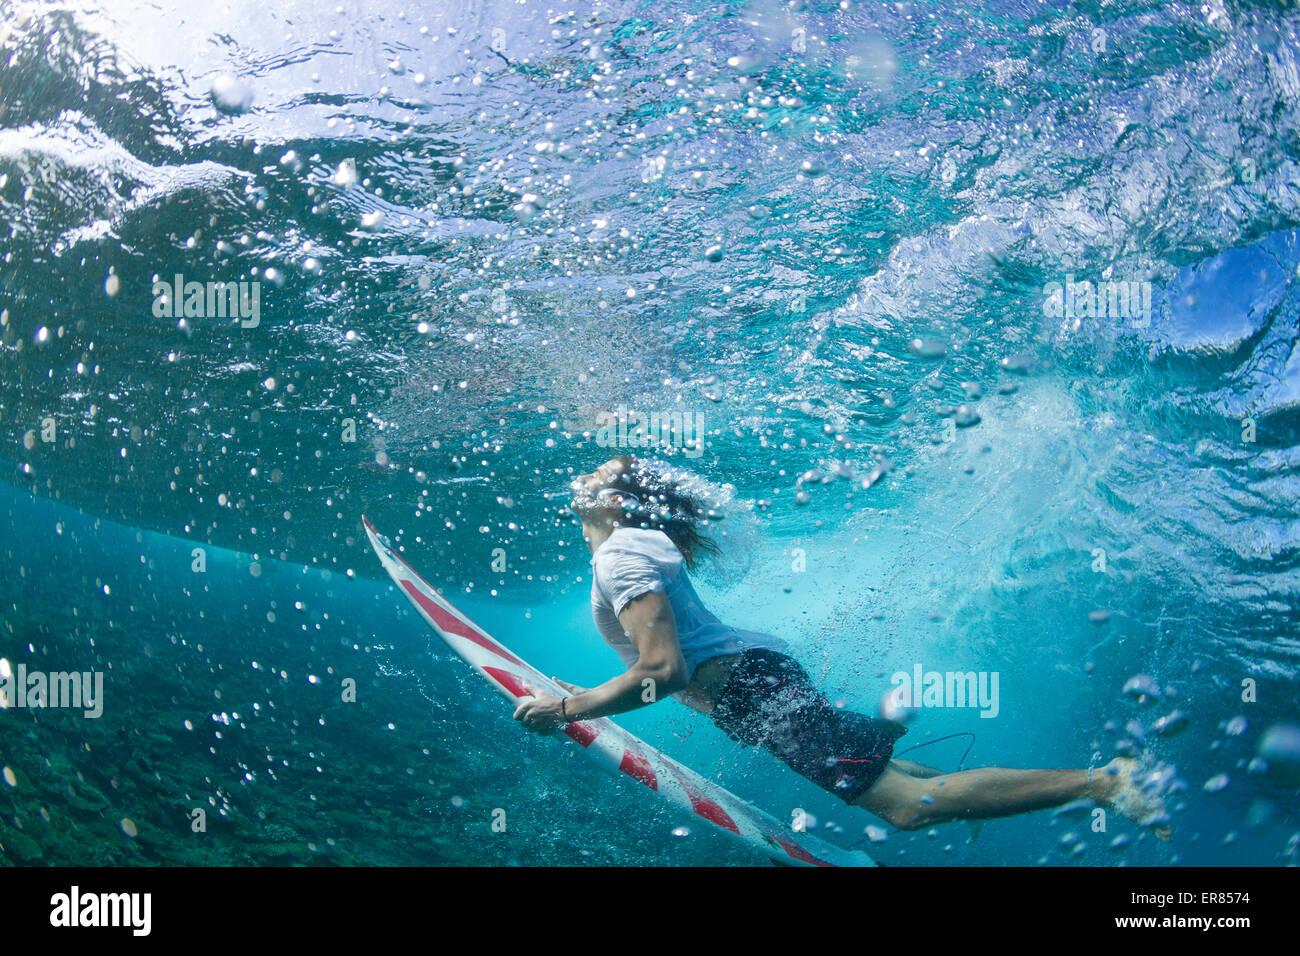 Vista subacquea di un surfista duck immersione sotto un'onda Immagini Stock